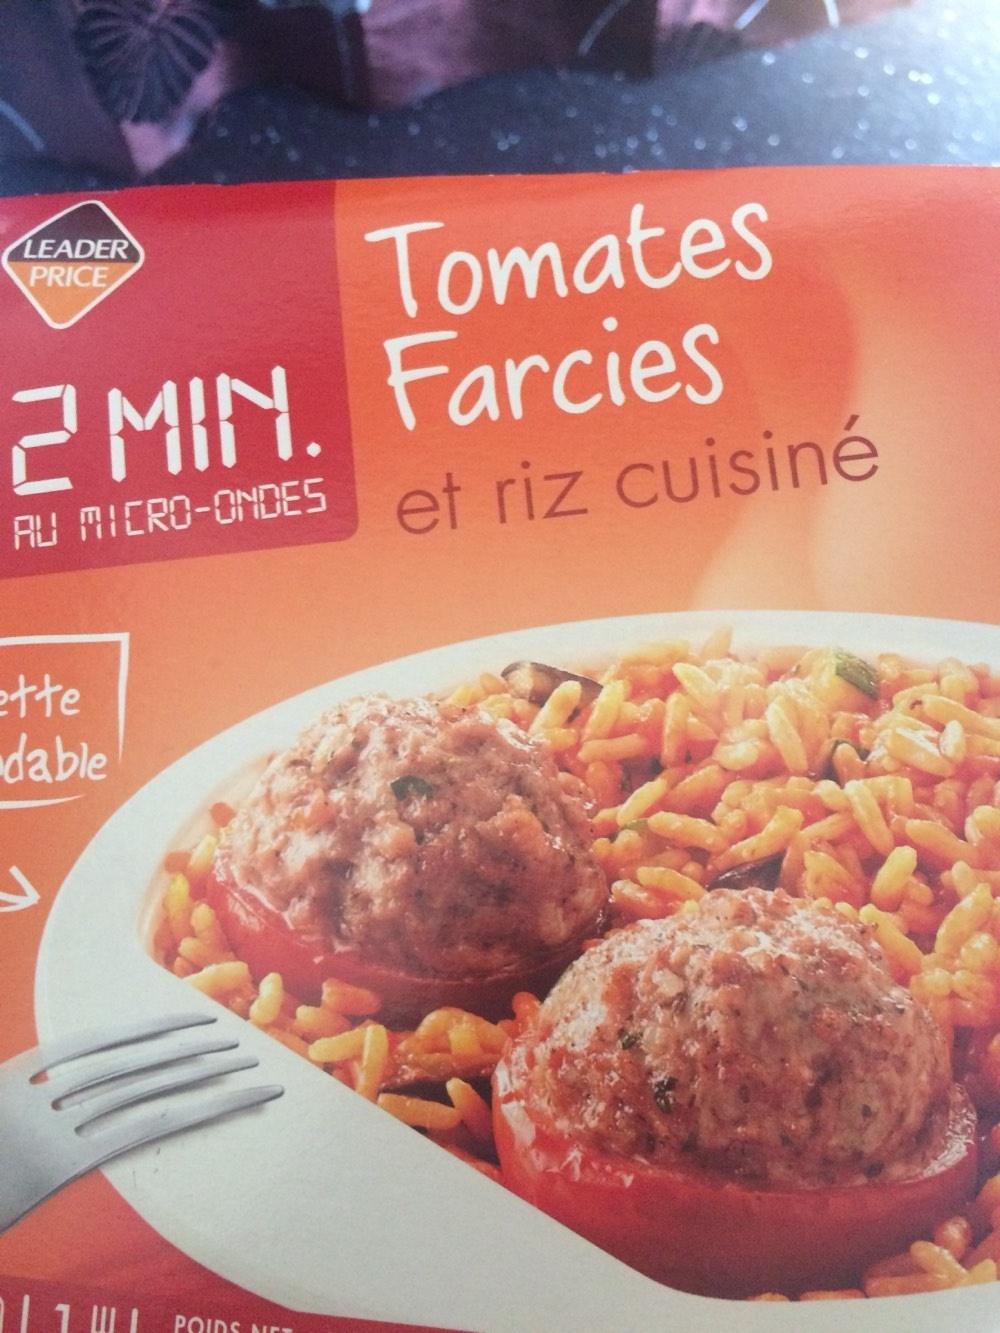 tomates farcies et riz cuisiné - leader price - 300 g